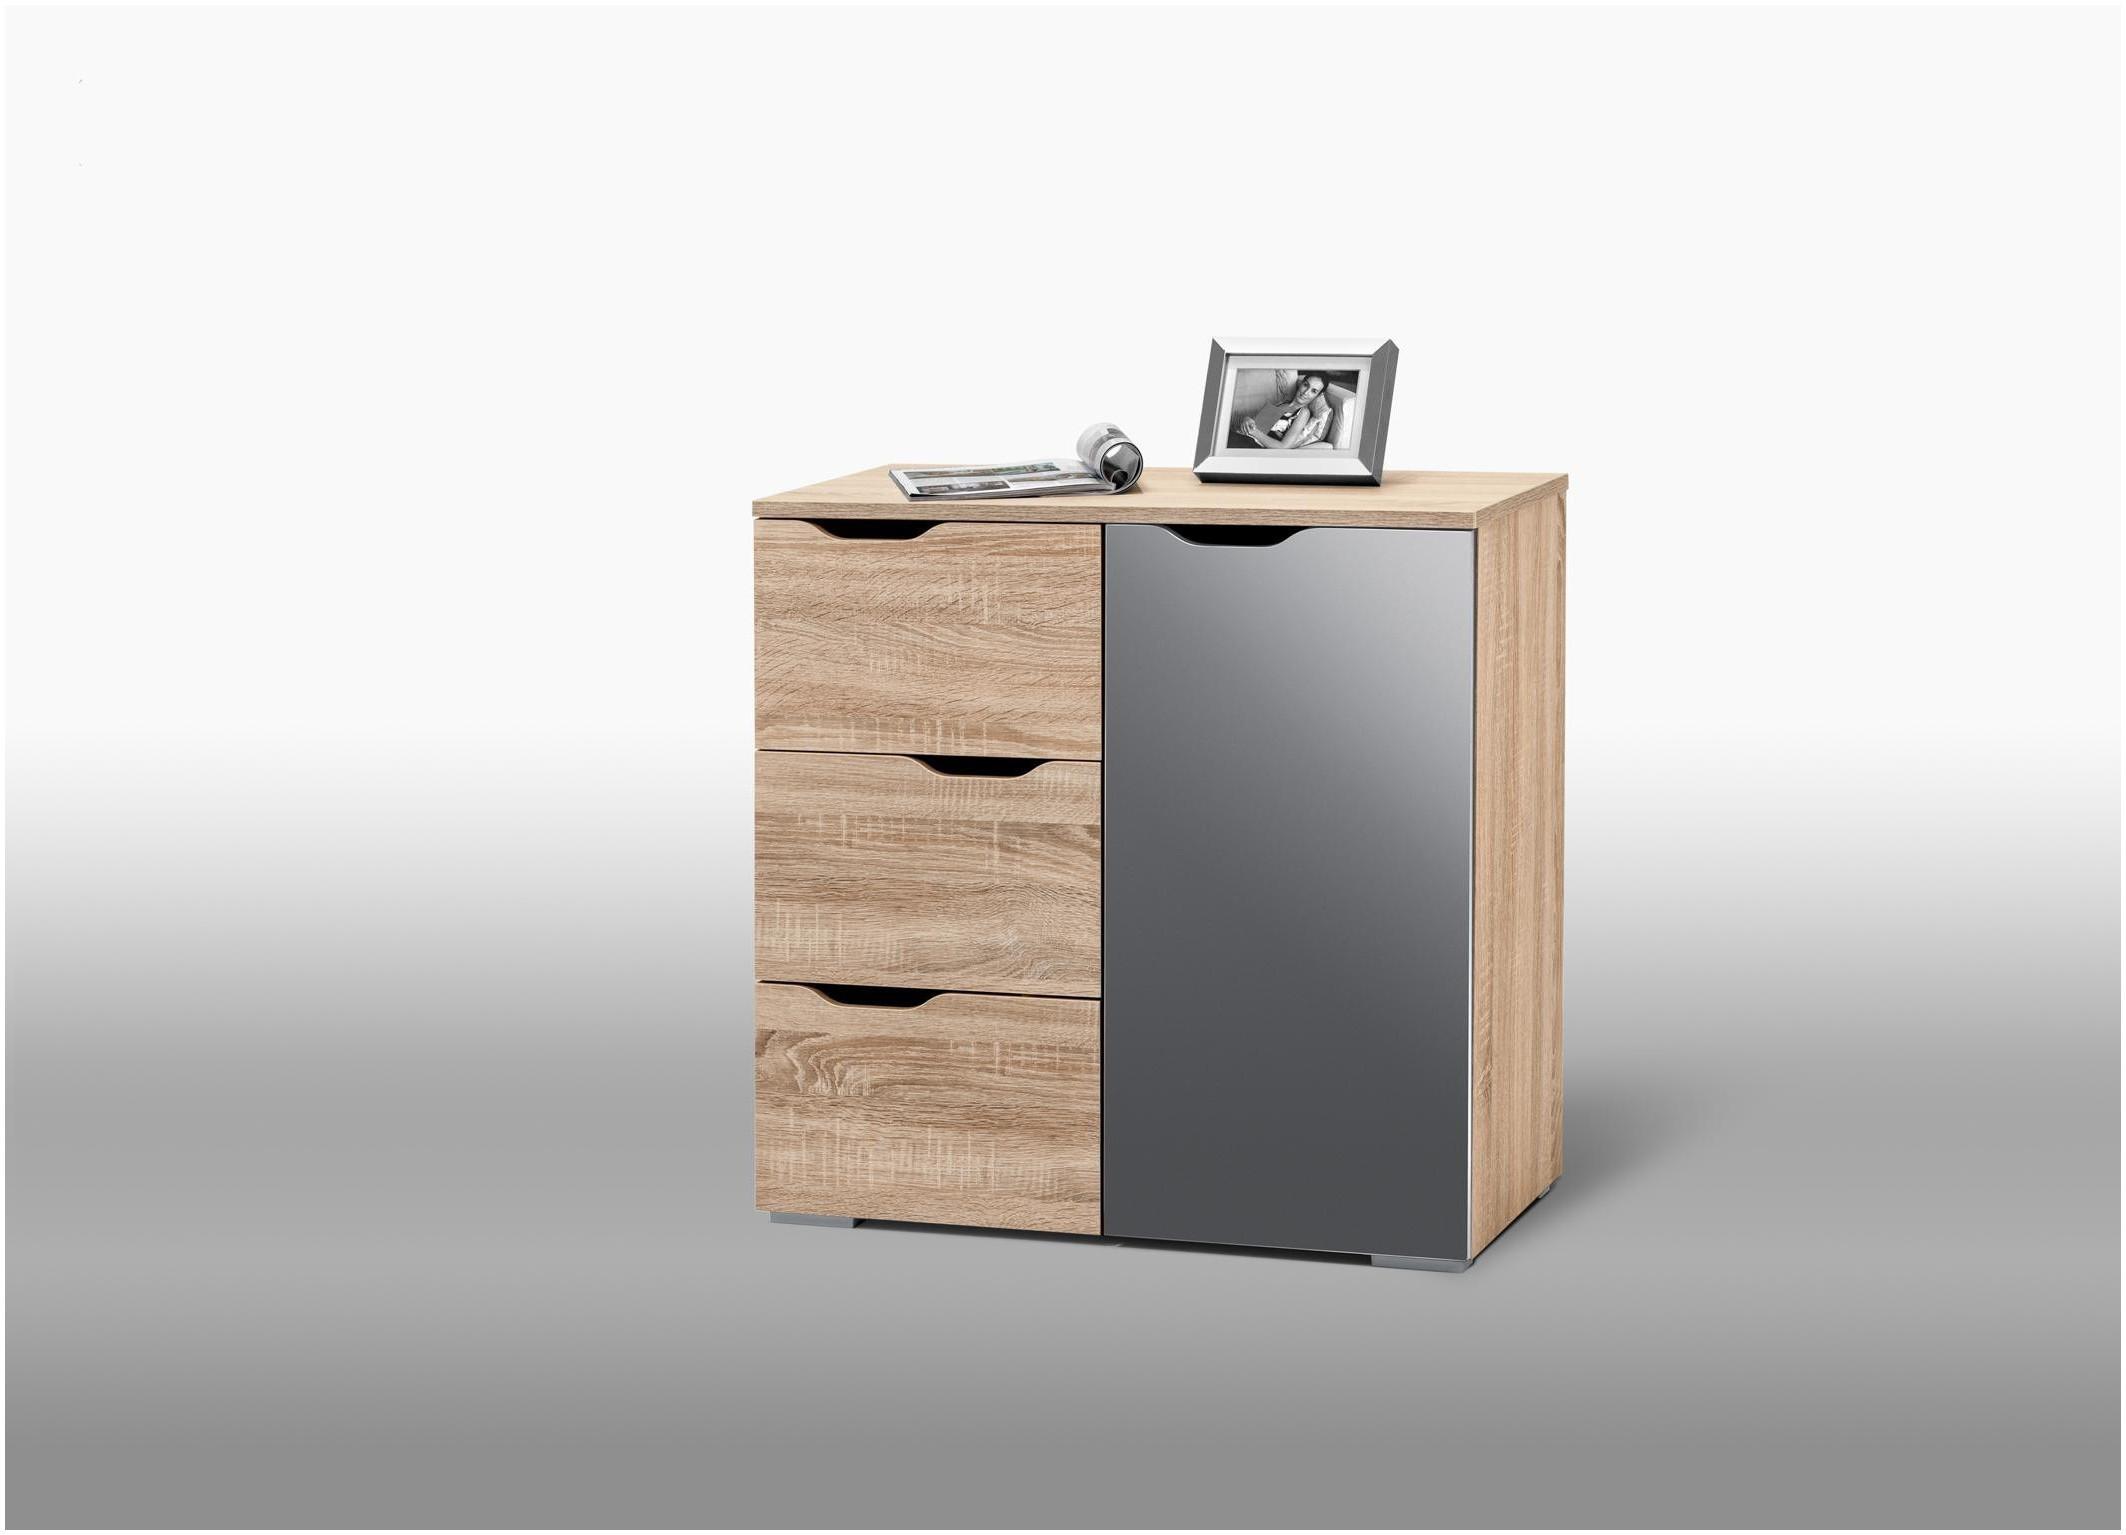 meuble but chambre meuble telephone but meuble salon buffet meuble bois exotique pas of meuble but chambre